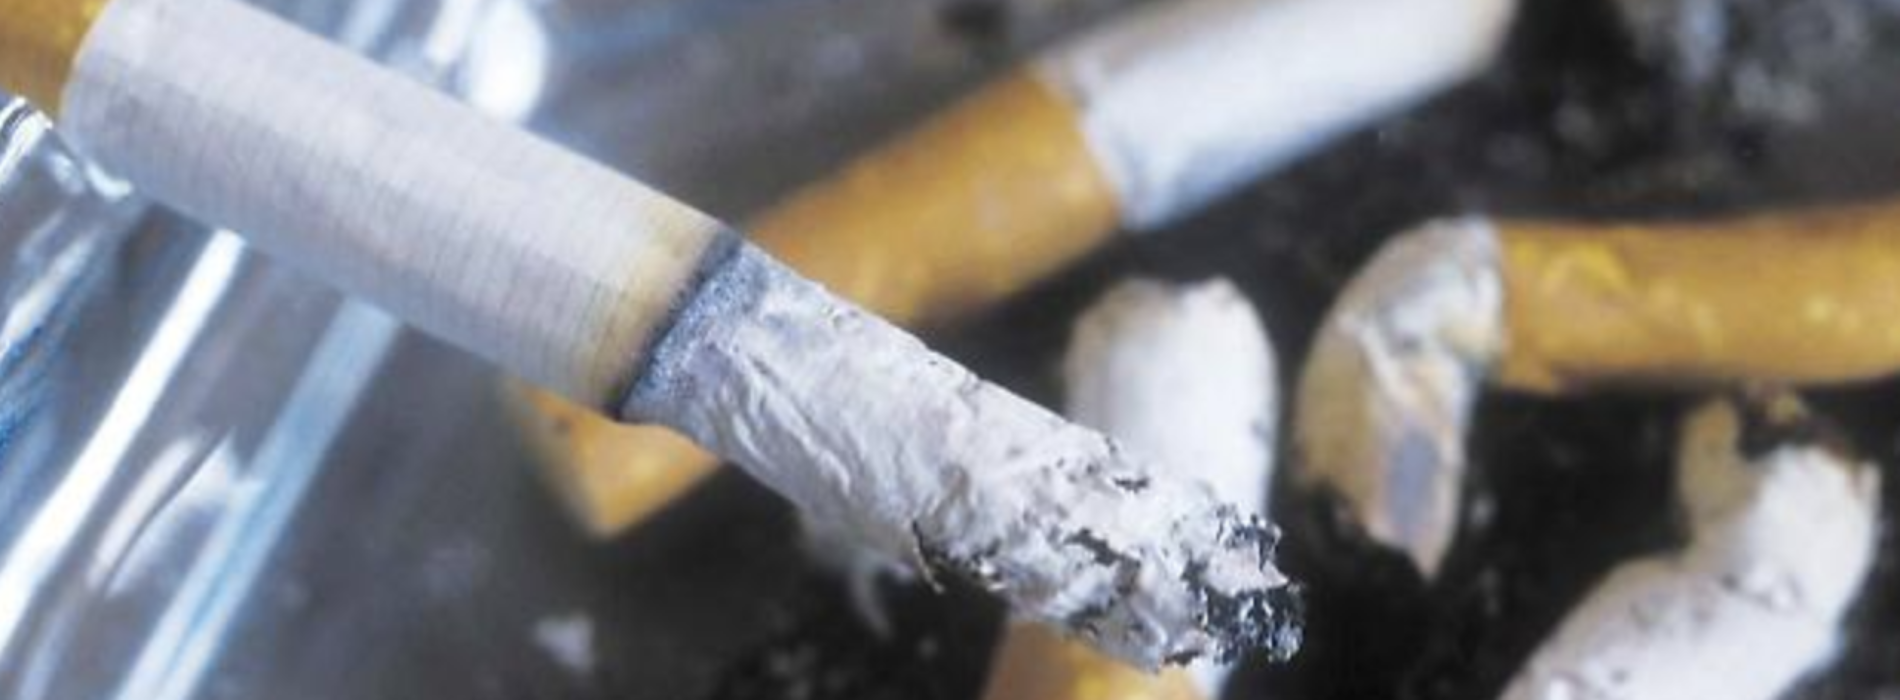 Giornata Mondiale senza tabacco. Diminuito il consumo nel lockdown